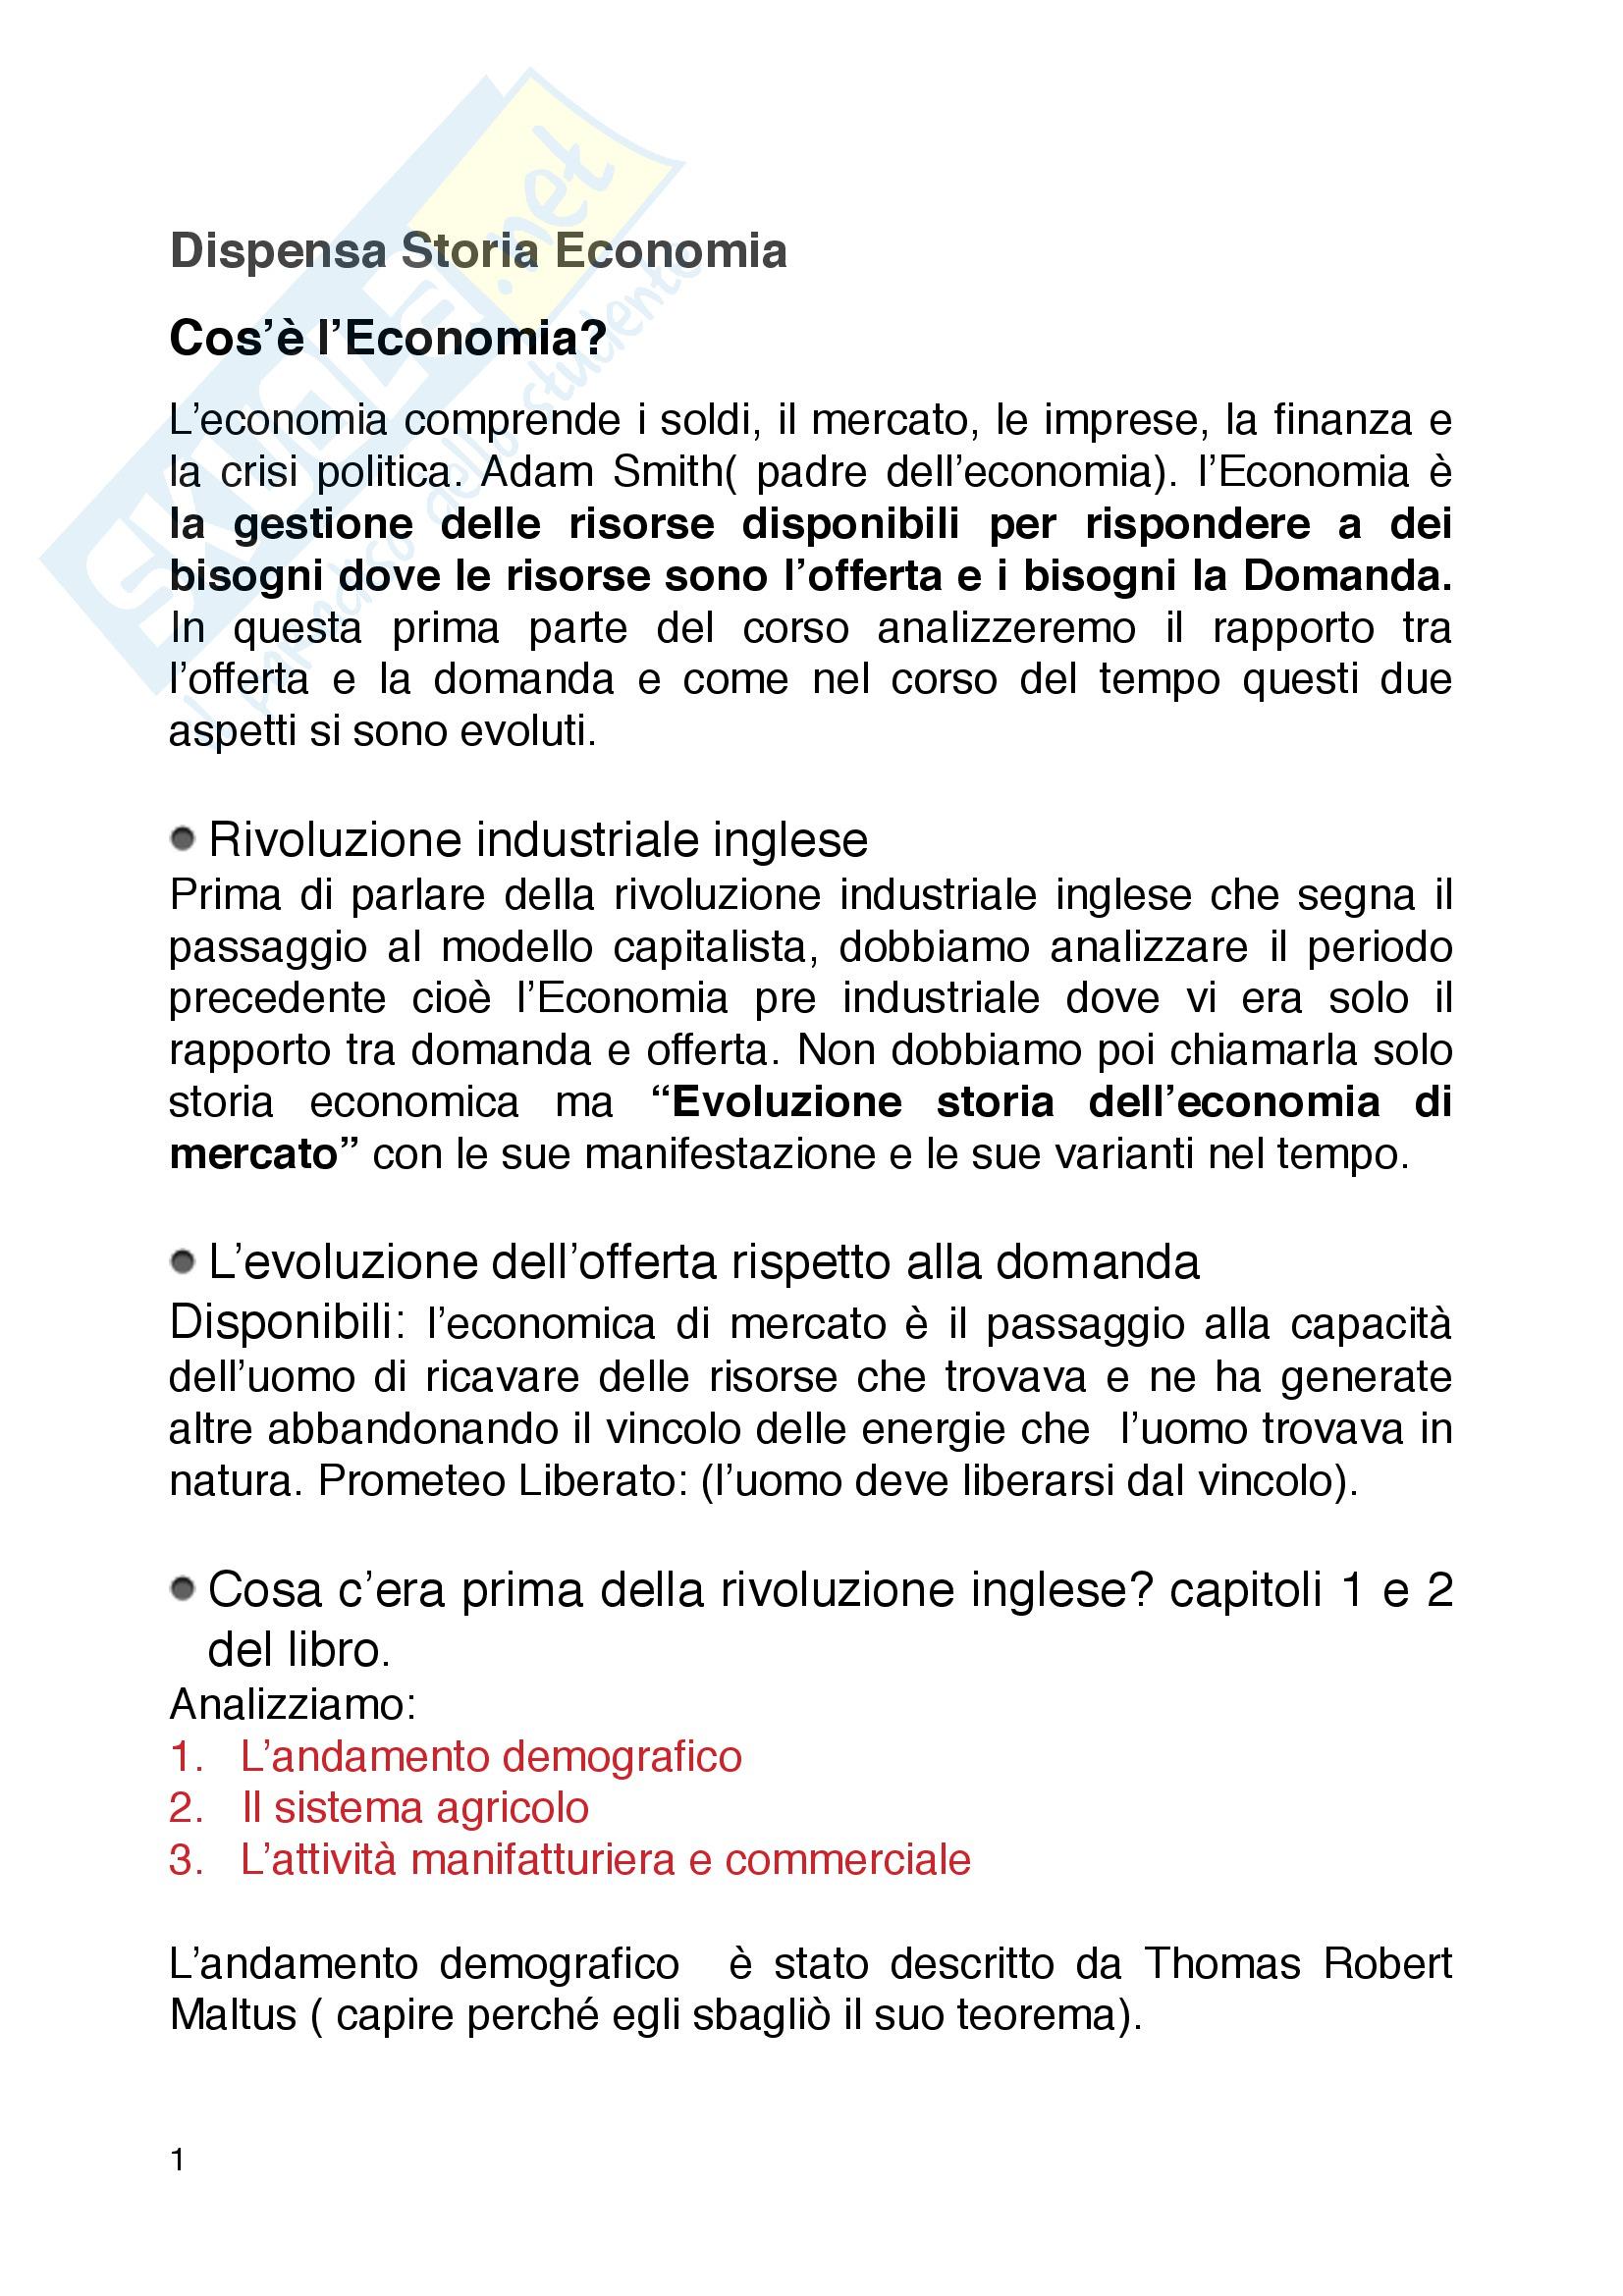 Appunti  Storia Economia Università Cattolica di Milano